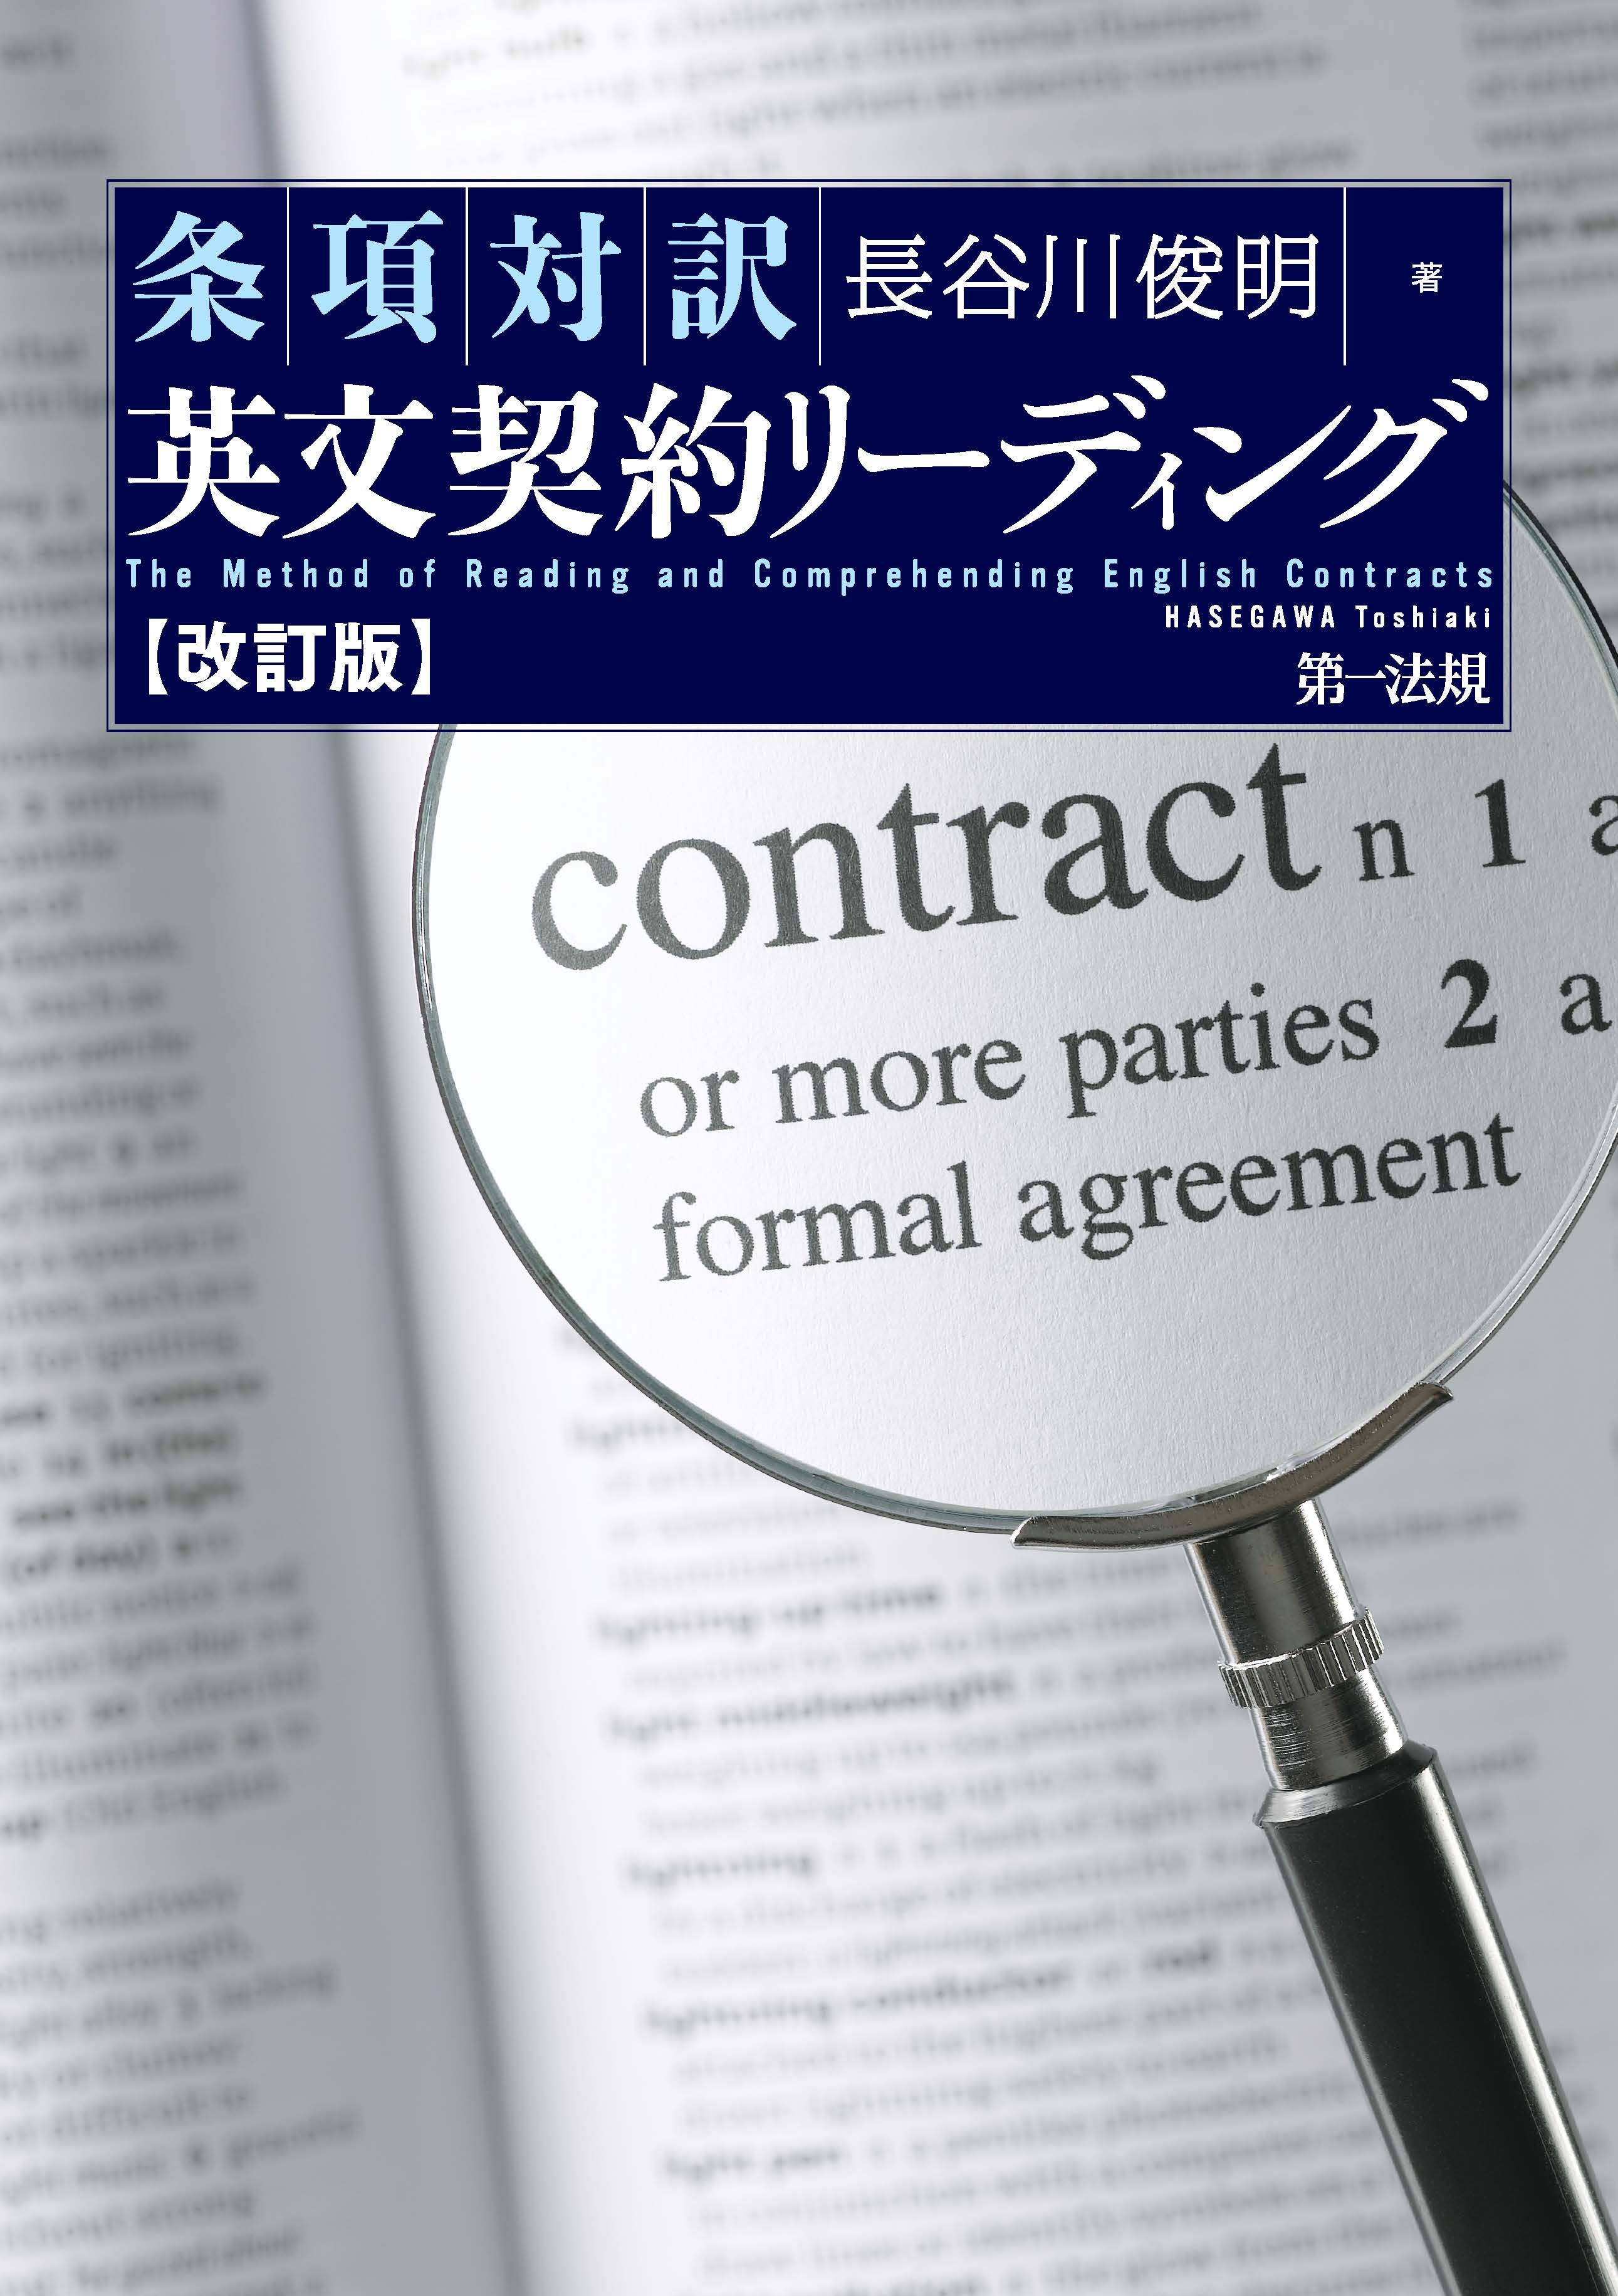 契約違反と信頼関係の破壊による 建物賃貸借契約の解除-違反類型別 ...